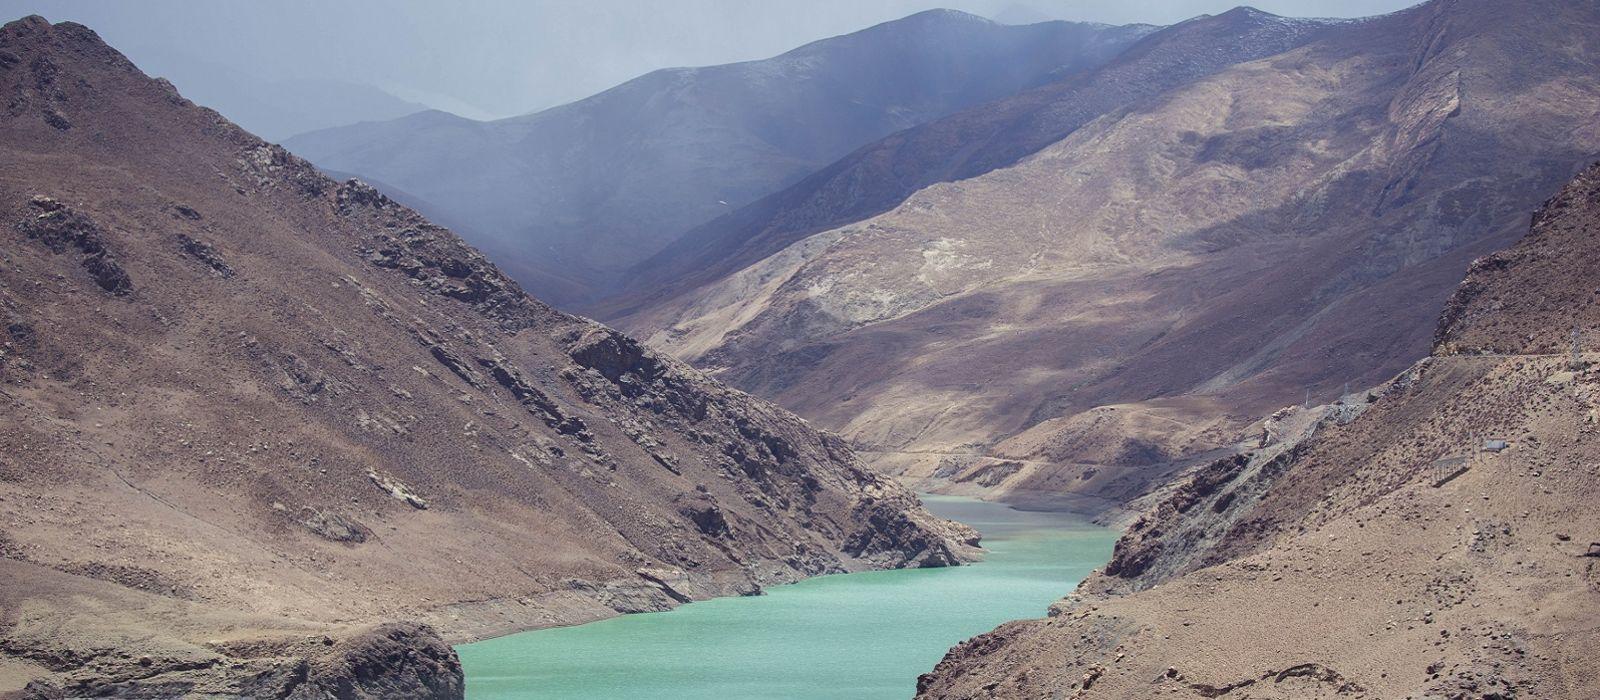 Das Oberoi Sommerangebot: Im Himalaya Gebirge Urlaub 5